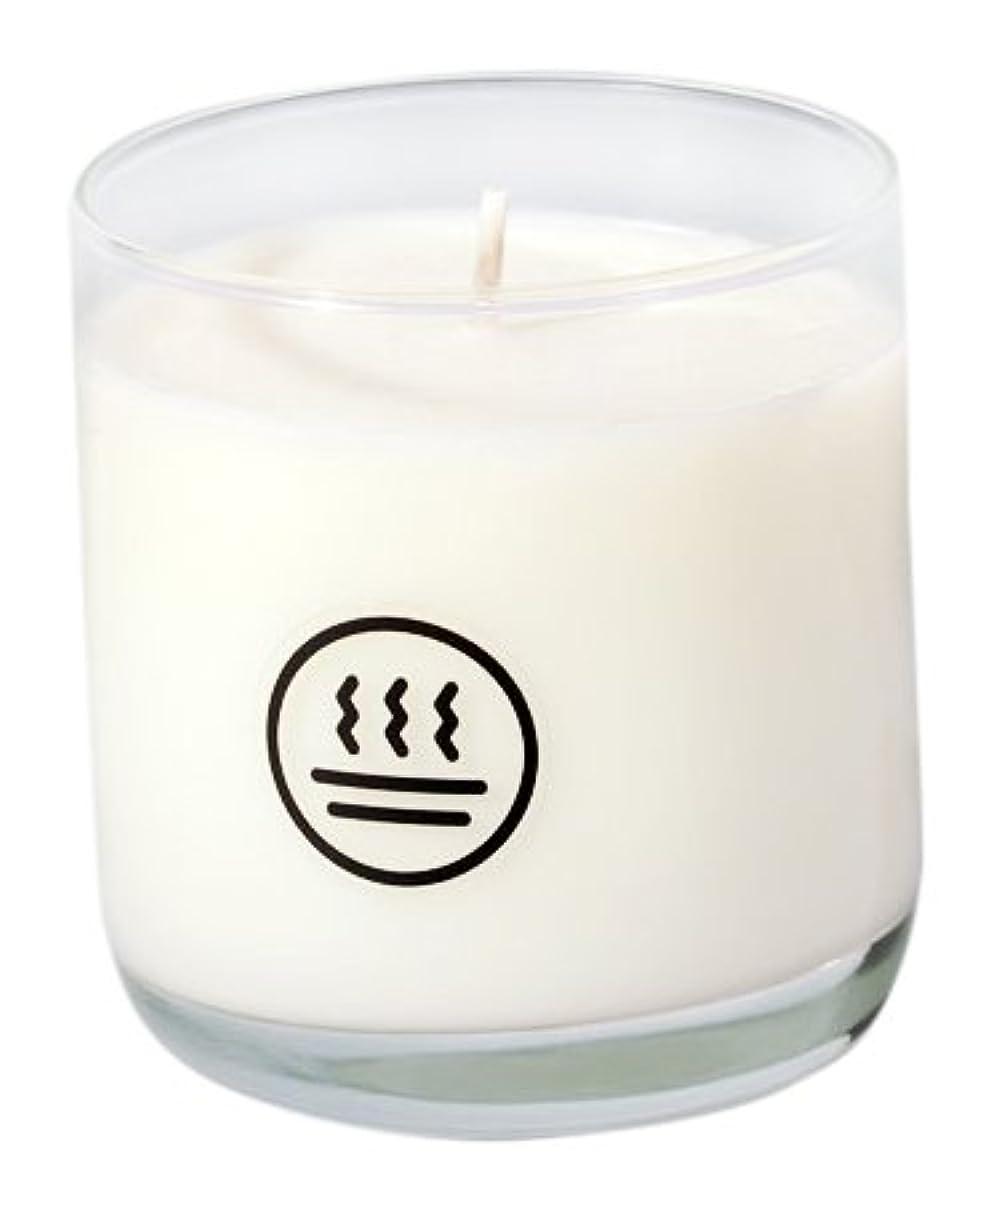 無視できる失移植Keap Hot Springs scented candle, made with coconut wax - 7.4Oz each